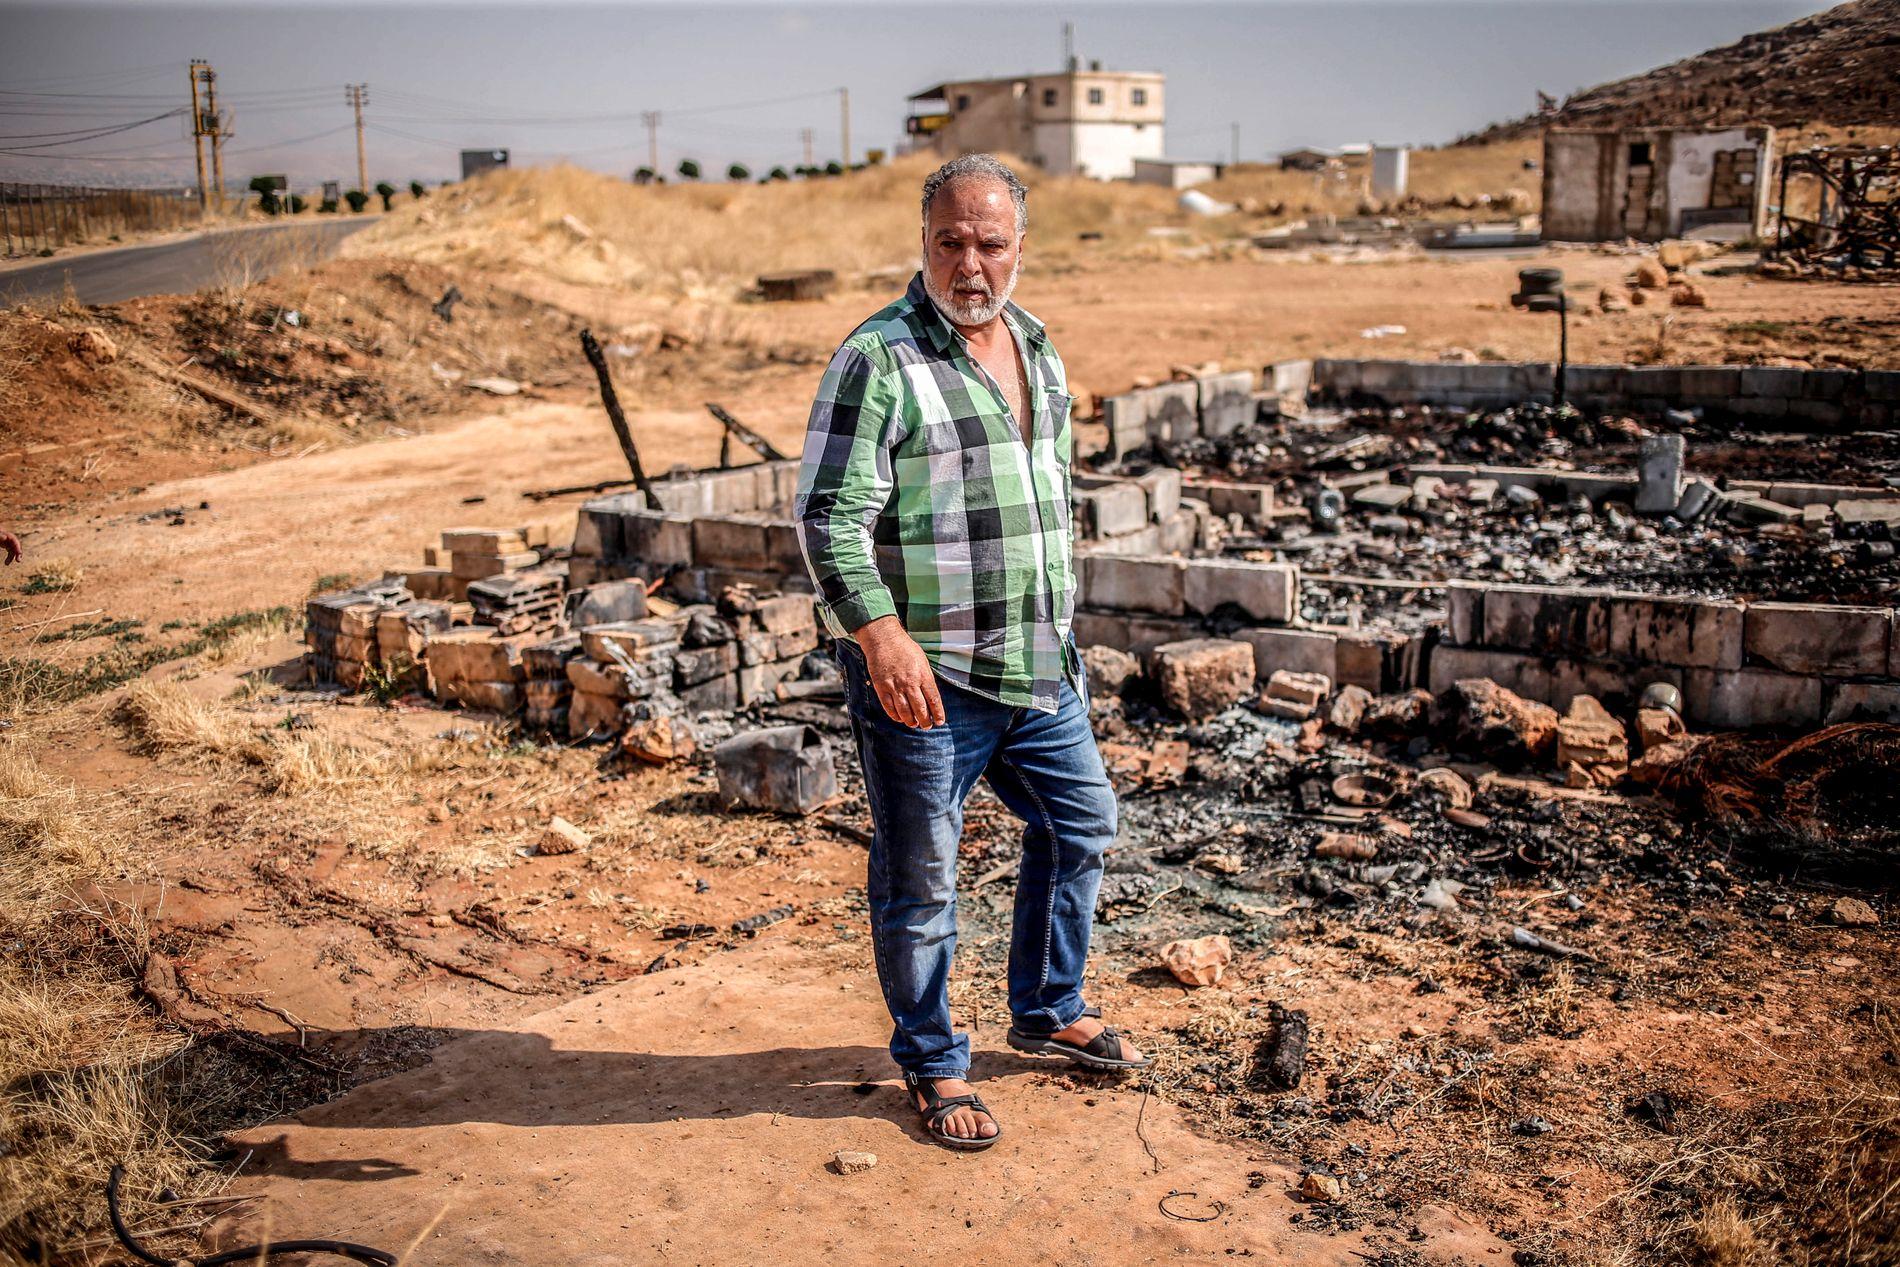 FORBANNET: Michel Rahmeh (53) var en av mennene i en gruppe på 200 landsbyboere som angrep en leir for syriske flyktninger.